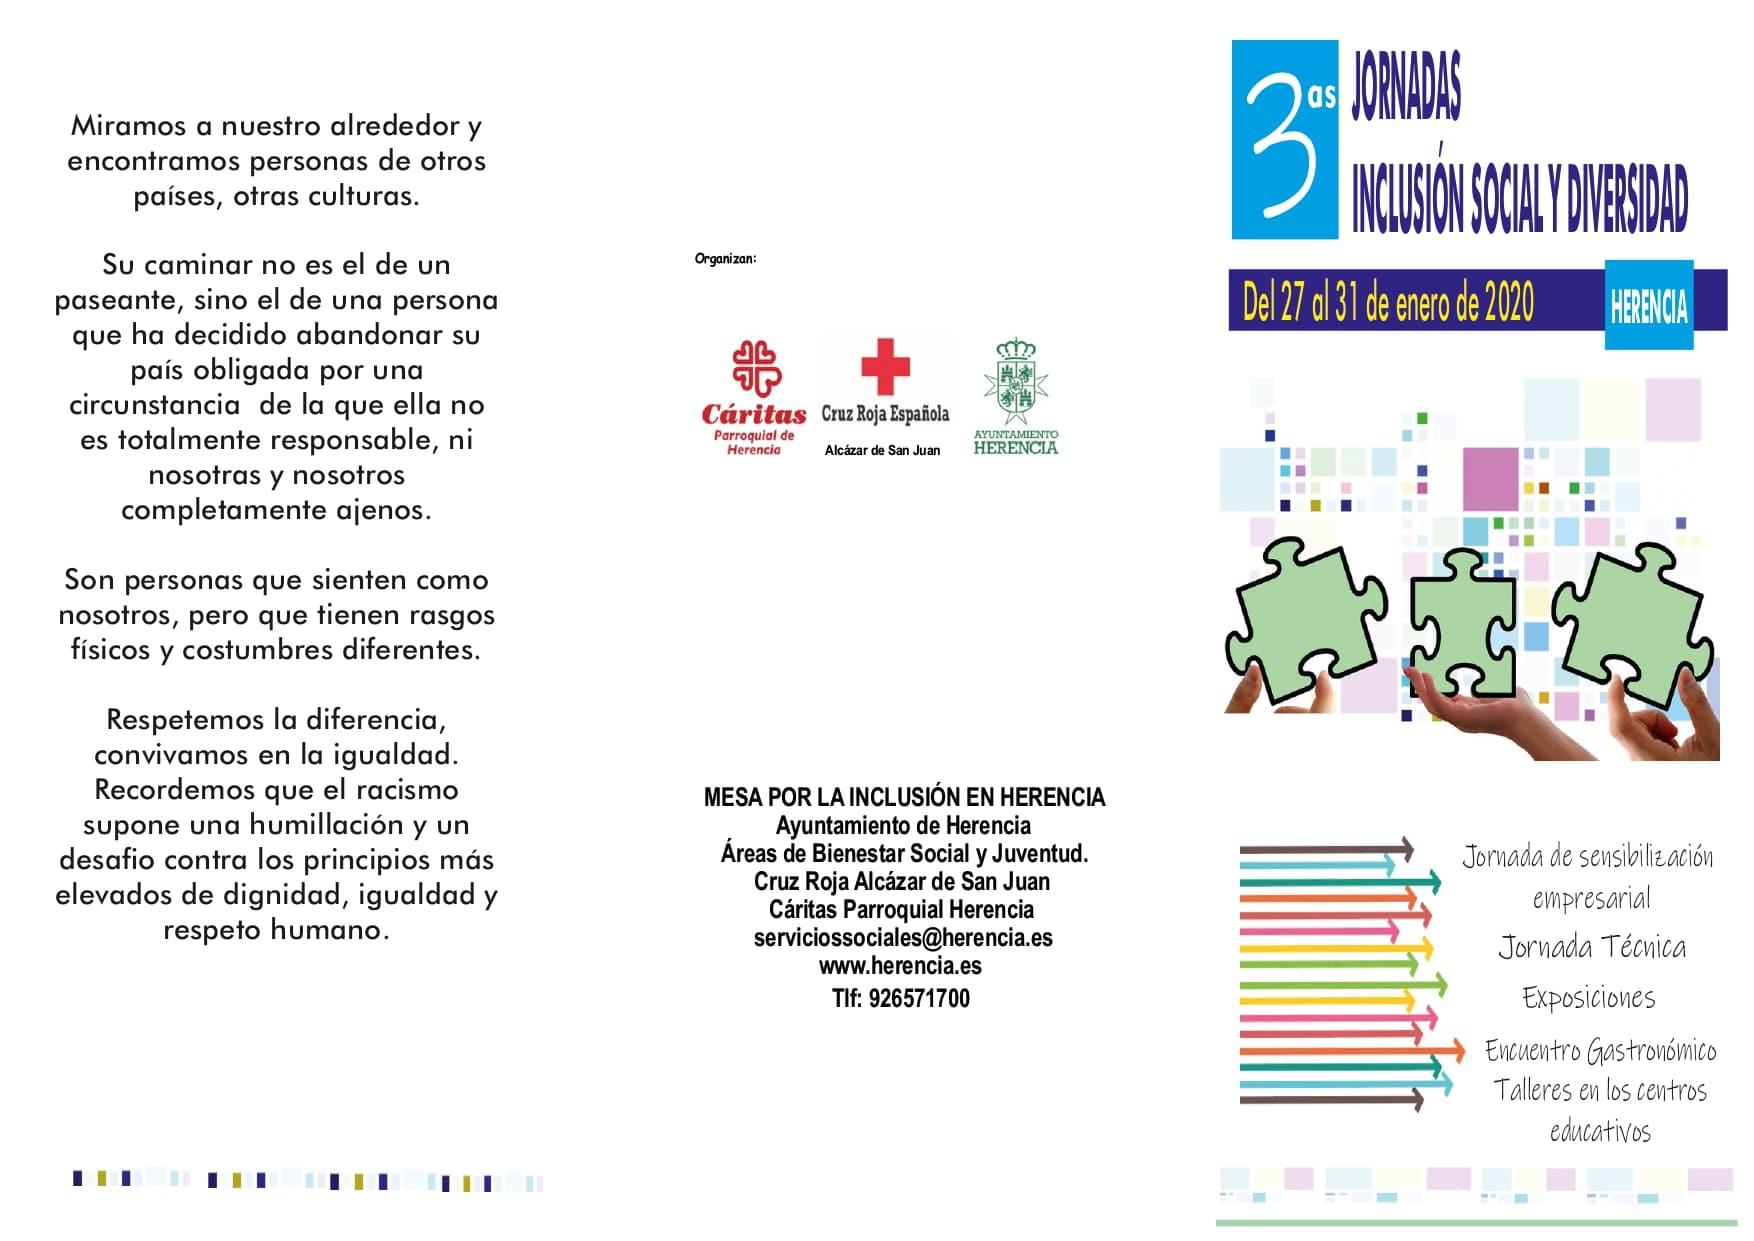 Herencia presenta las III Jornadas de Inclusión Social y Diversidad 8